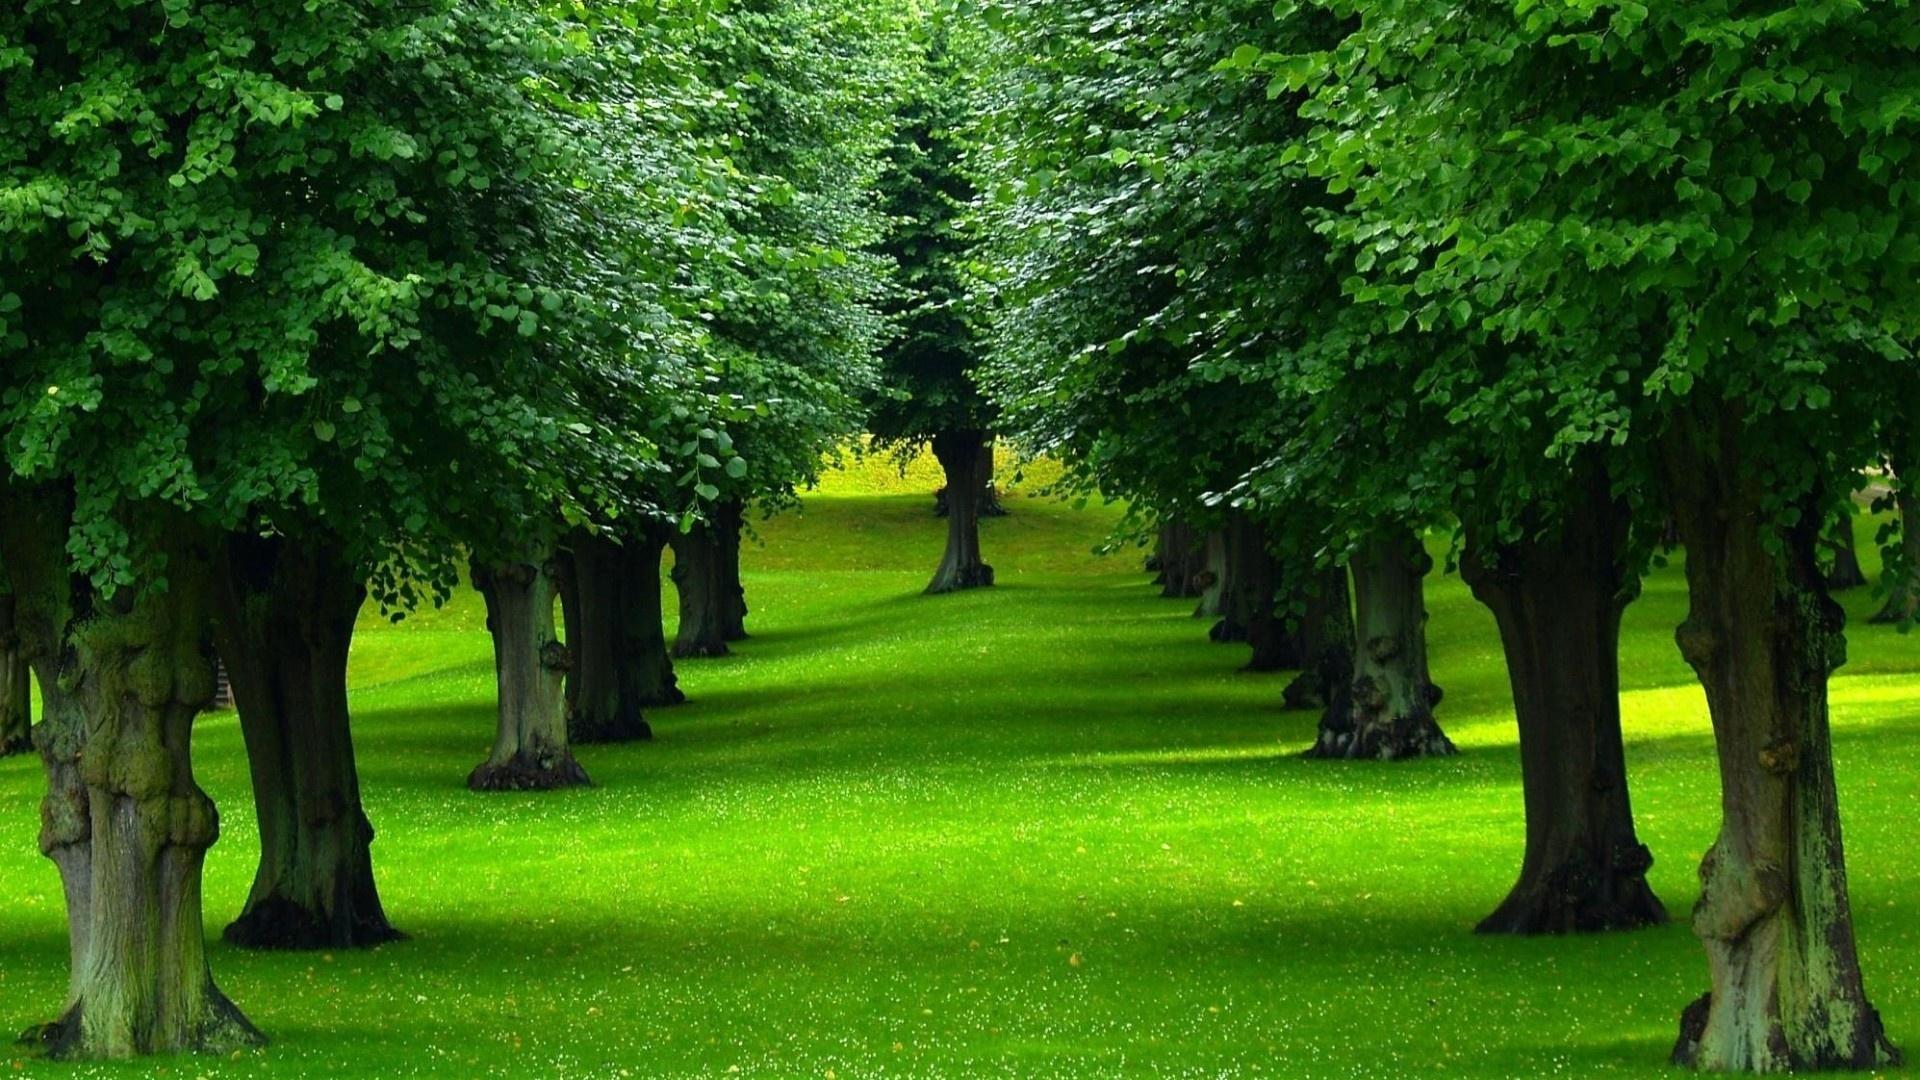 بالصور صور اشجار , اجمل المناظر الشجار طبيعيه 291 9